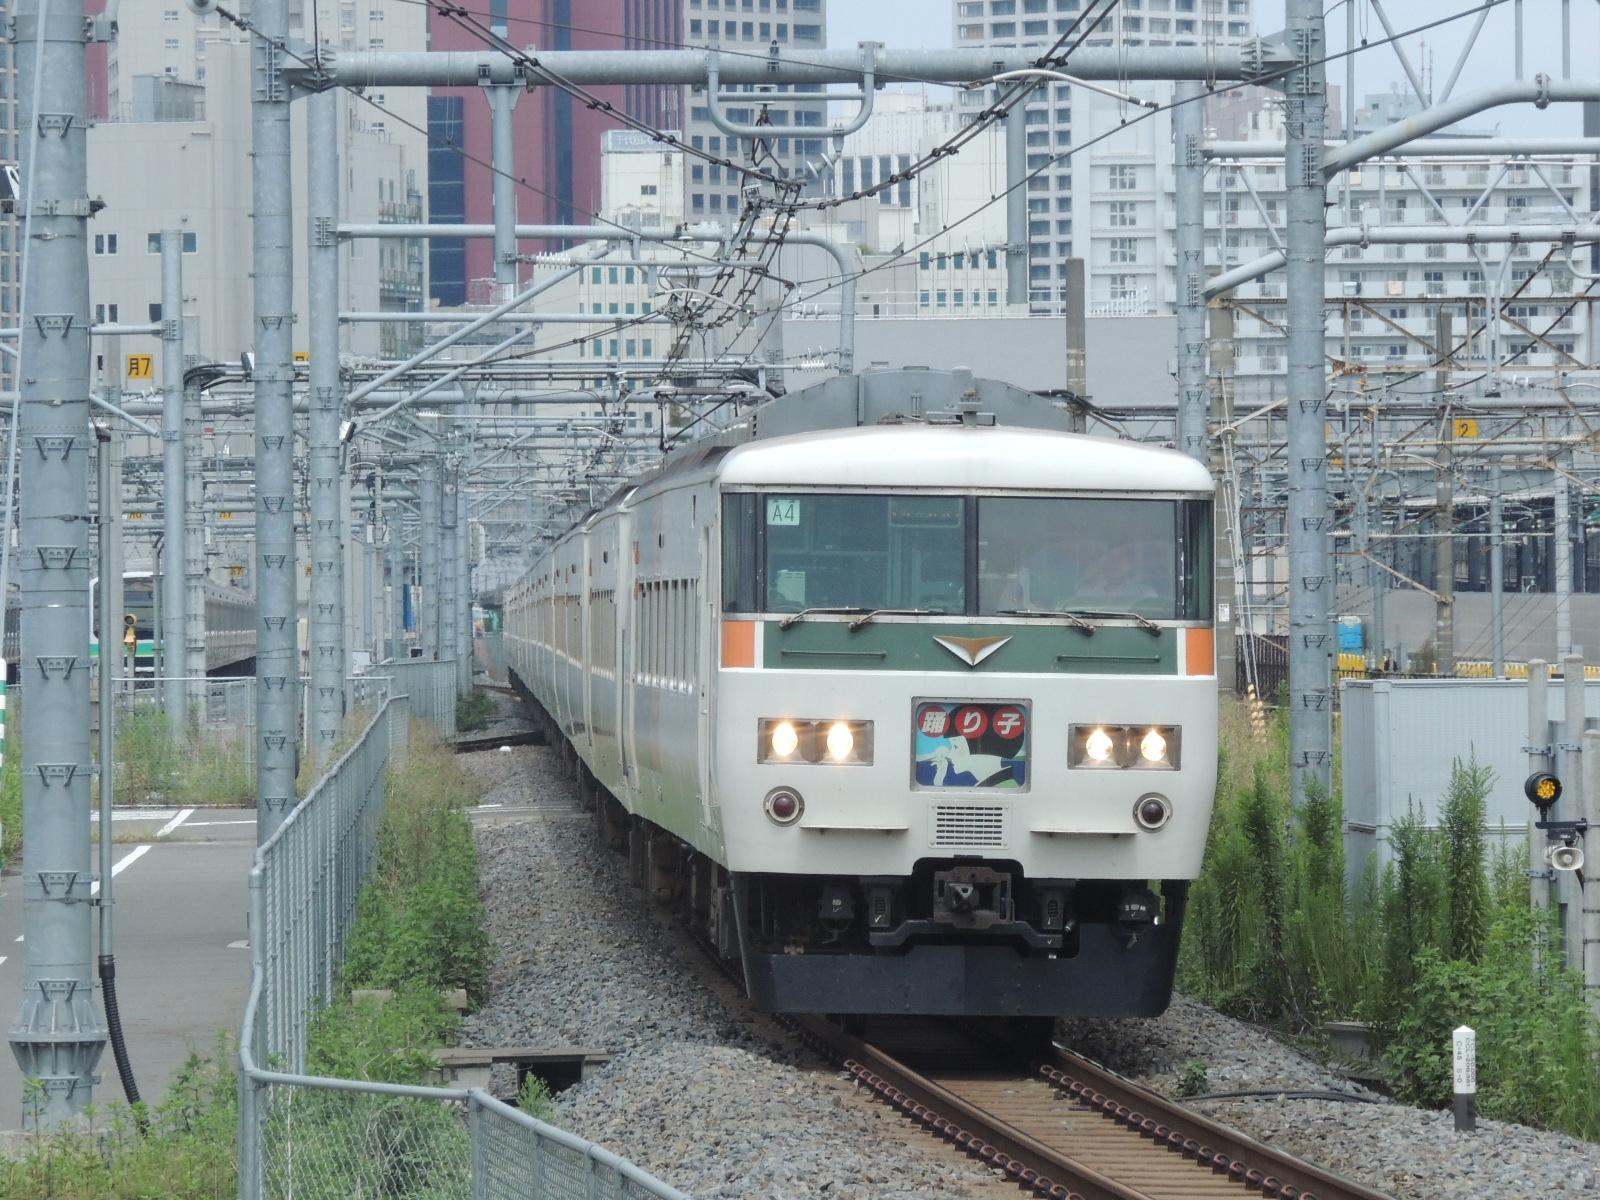 DSCN3523.jpg